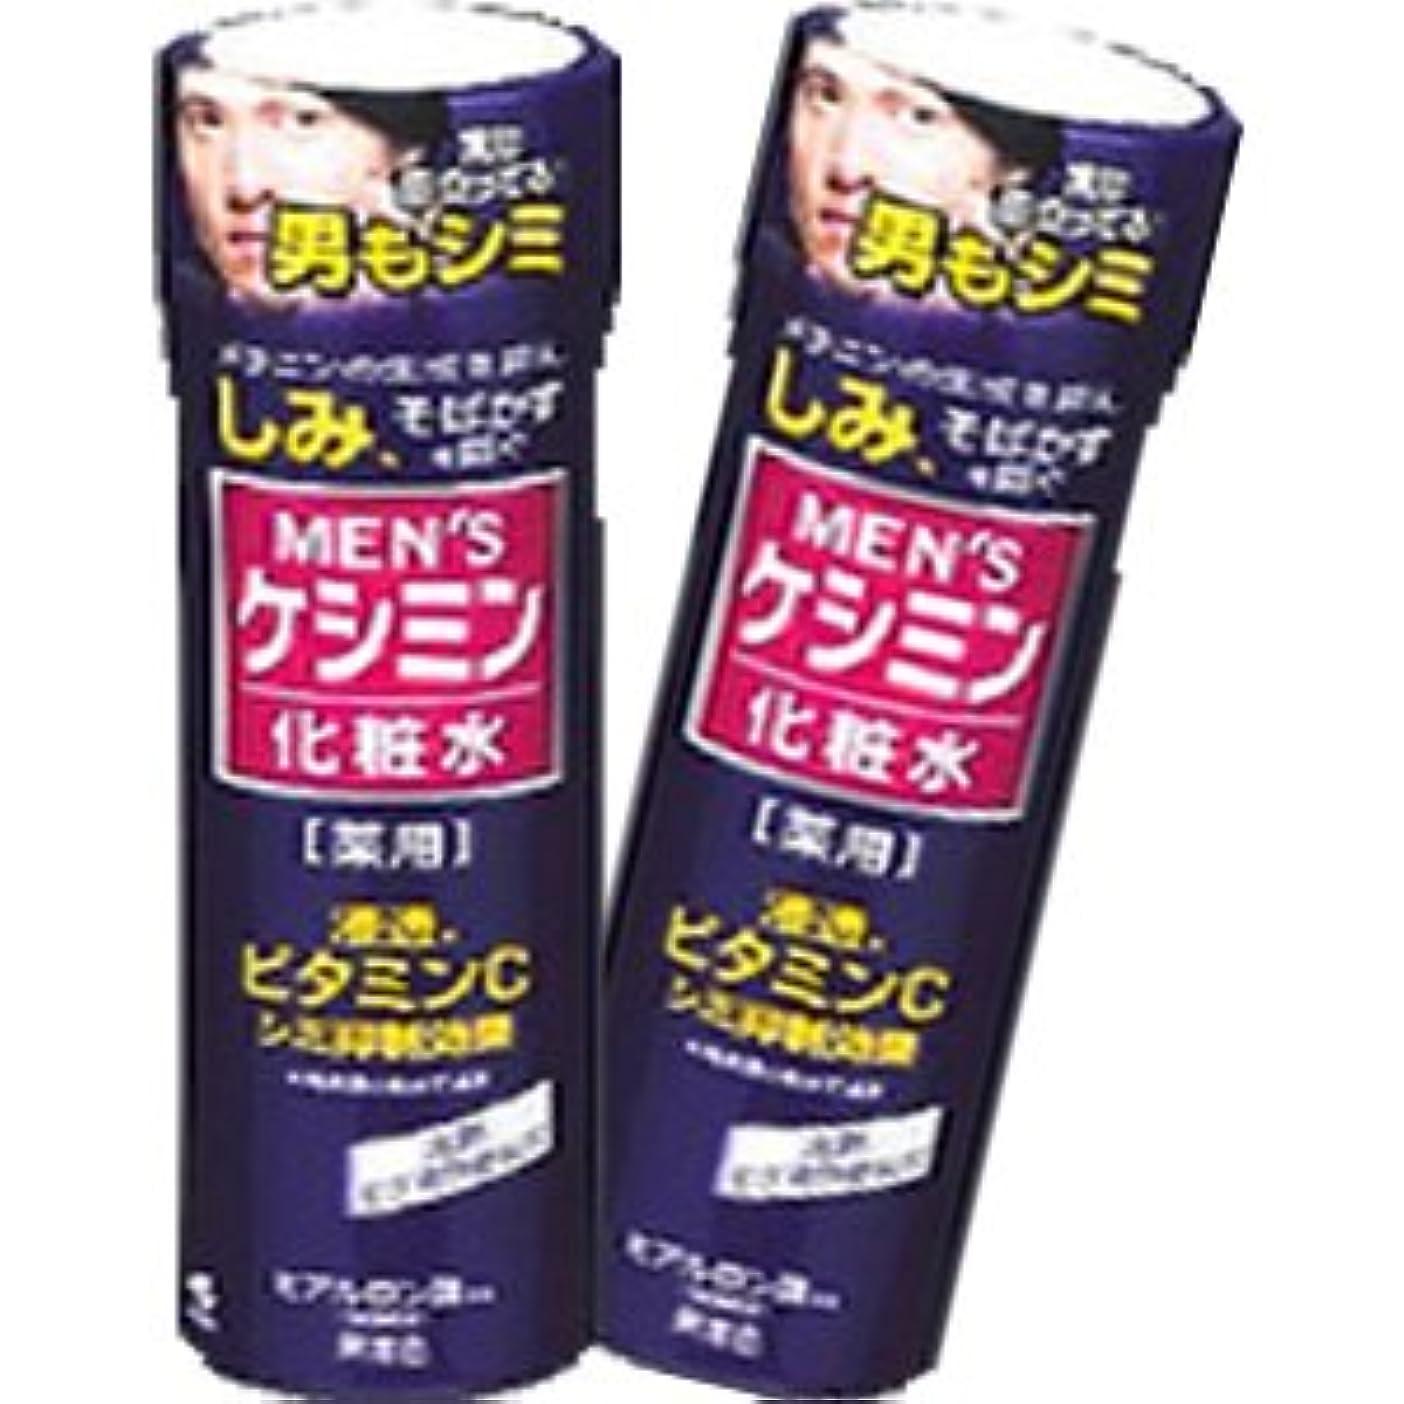 矛盾する儀式期待して【2個】 メンズケシミン化粧水 160mlx2個 (4987072034330)